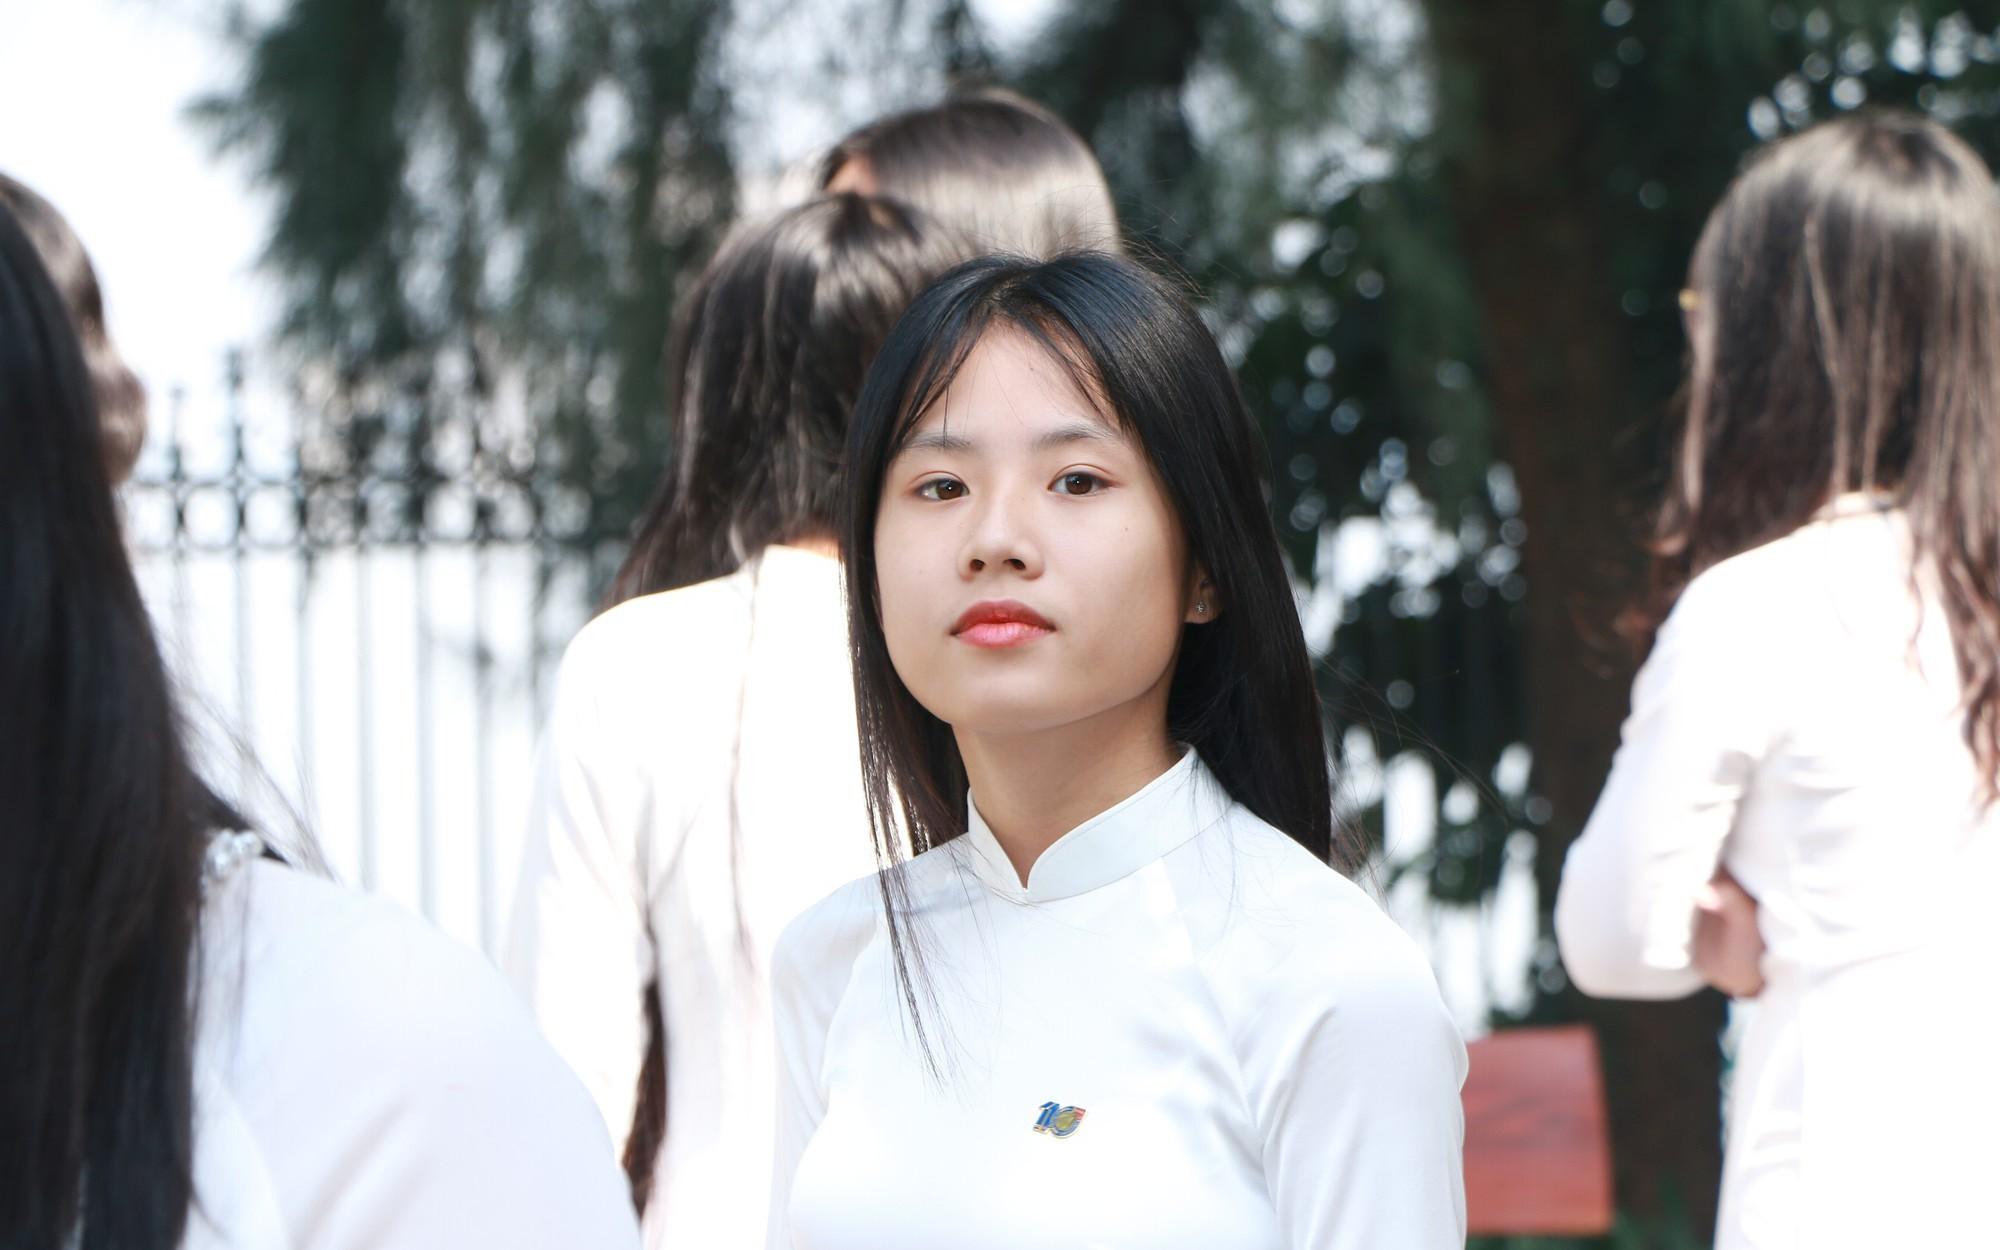 Đề thi vào lớp 10 chuyên môn Địa lí năm 2019 tỉnh Nghệ An